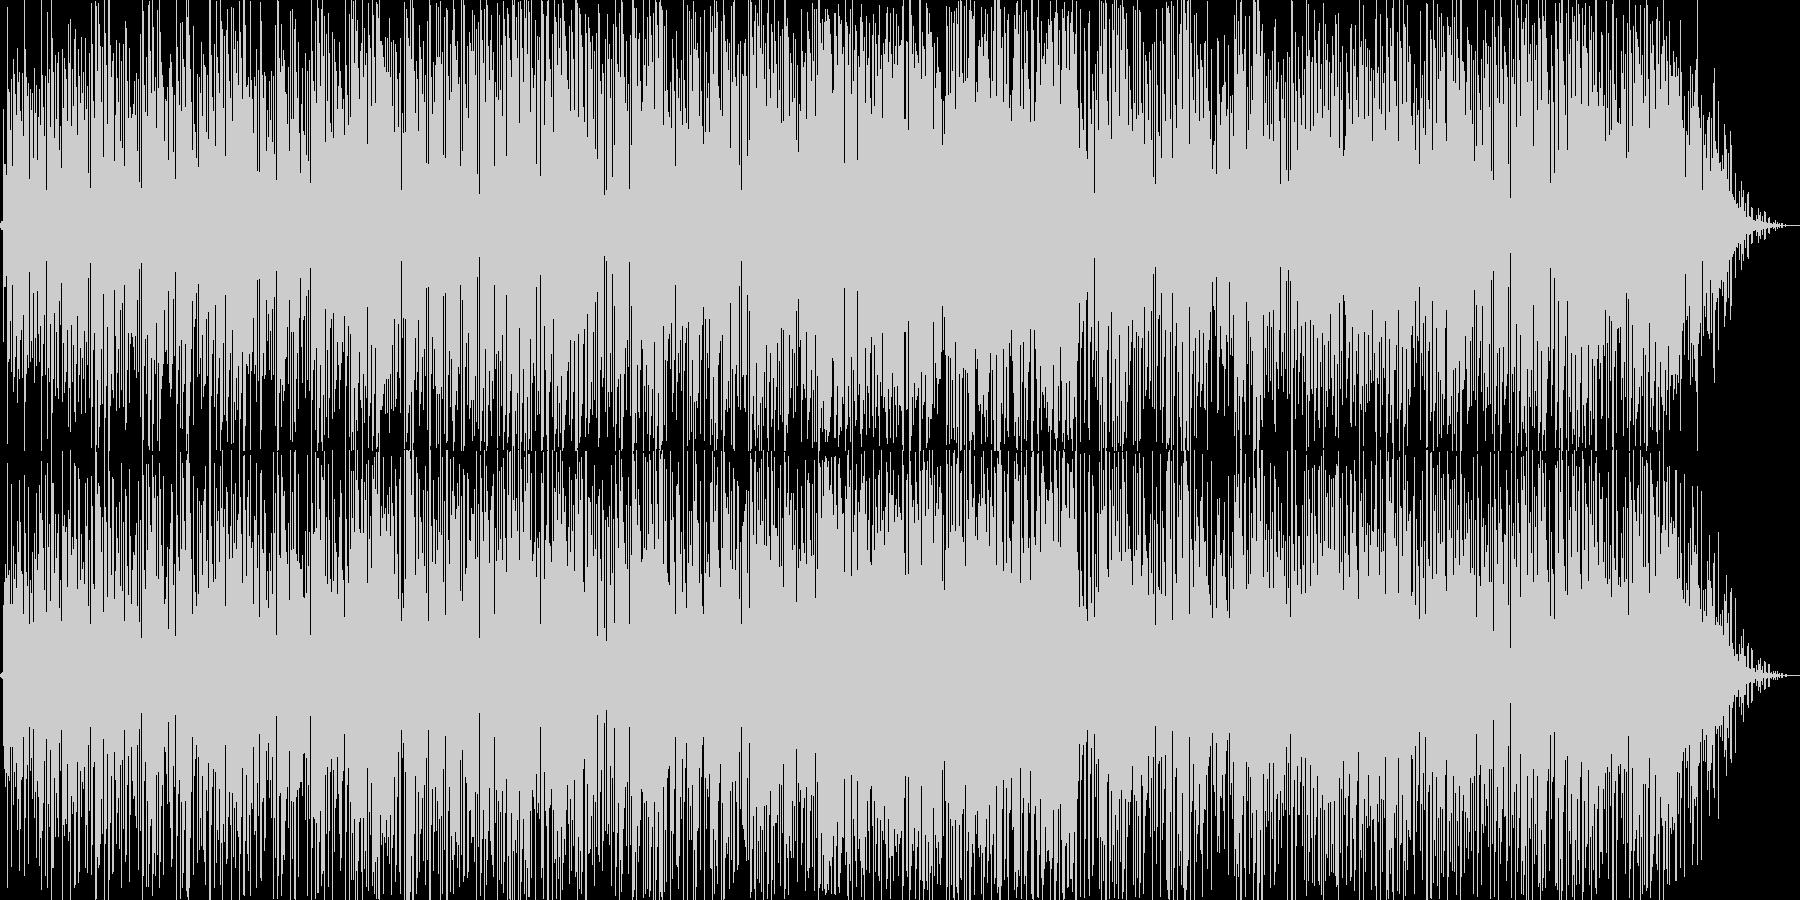 スローテンポなギターポップスの未再生の波形